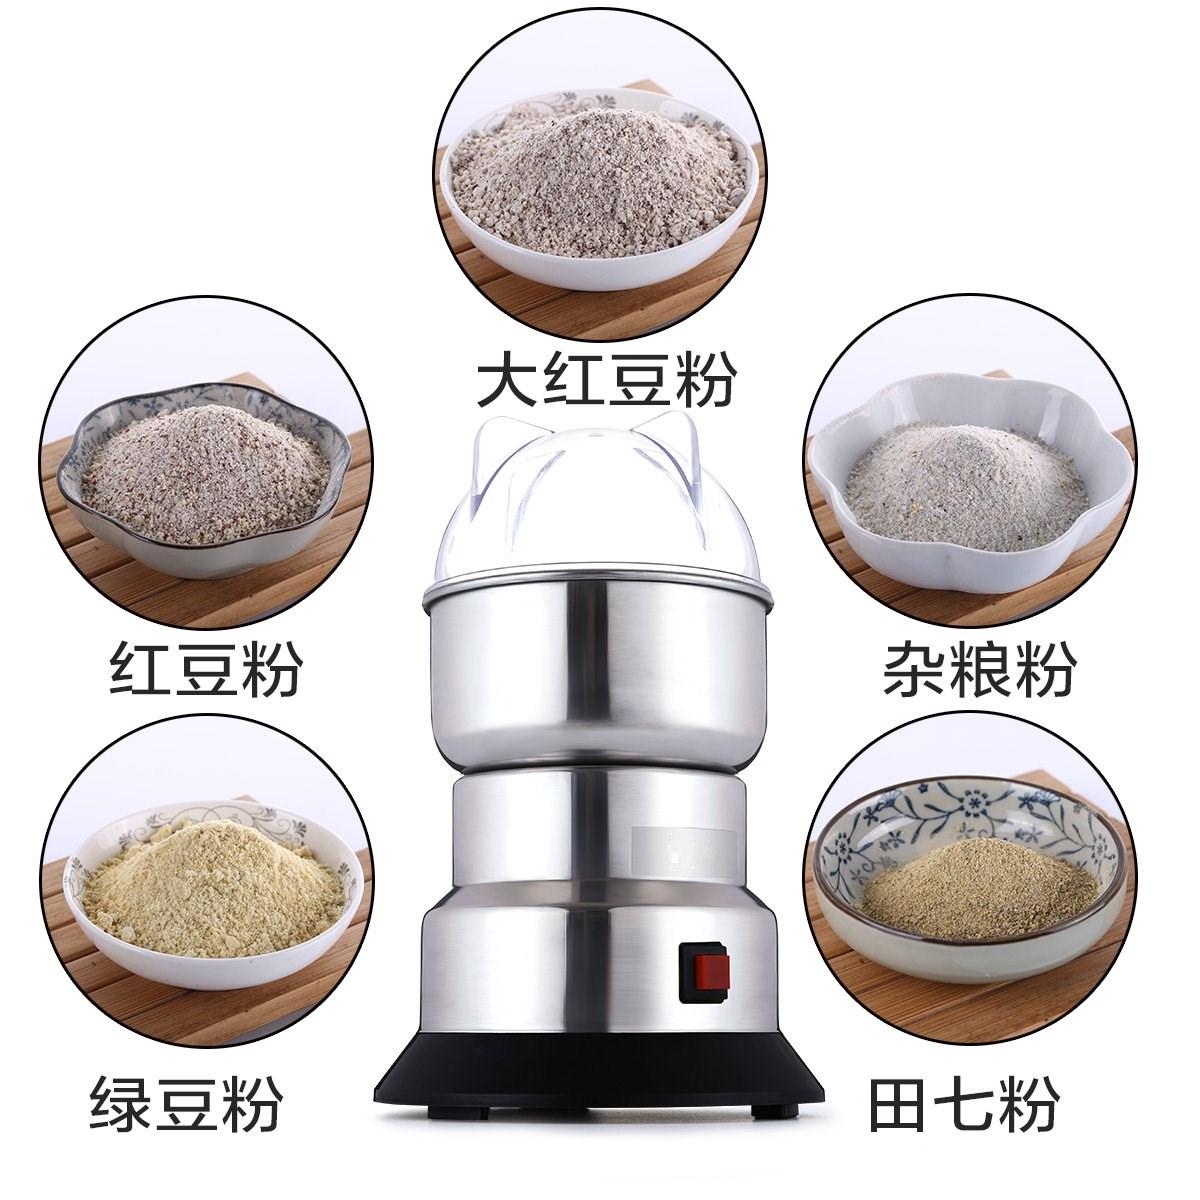 家用电动磨粉机打细分碎粉器干摩花椒辣椒核桃搅嚼绞碎小型研磨机